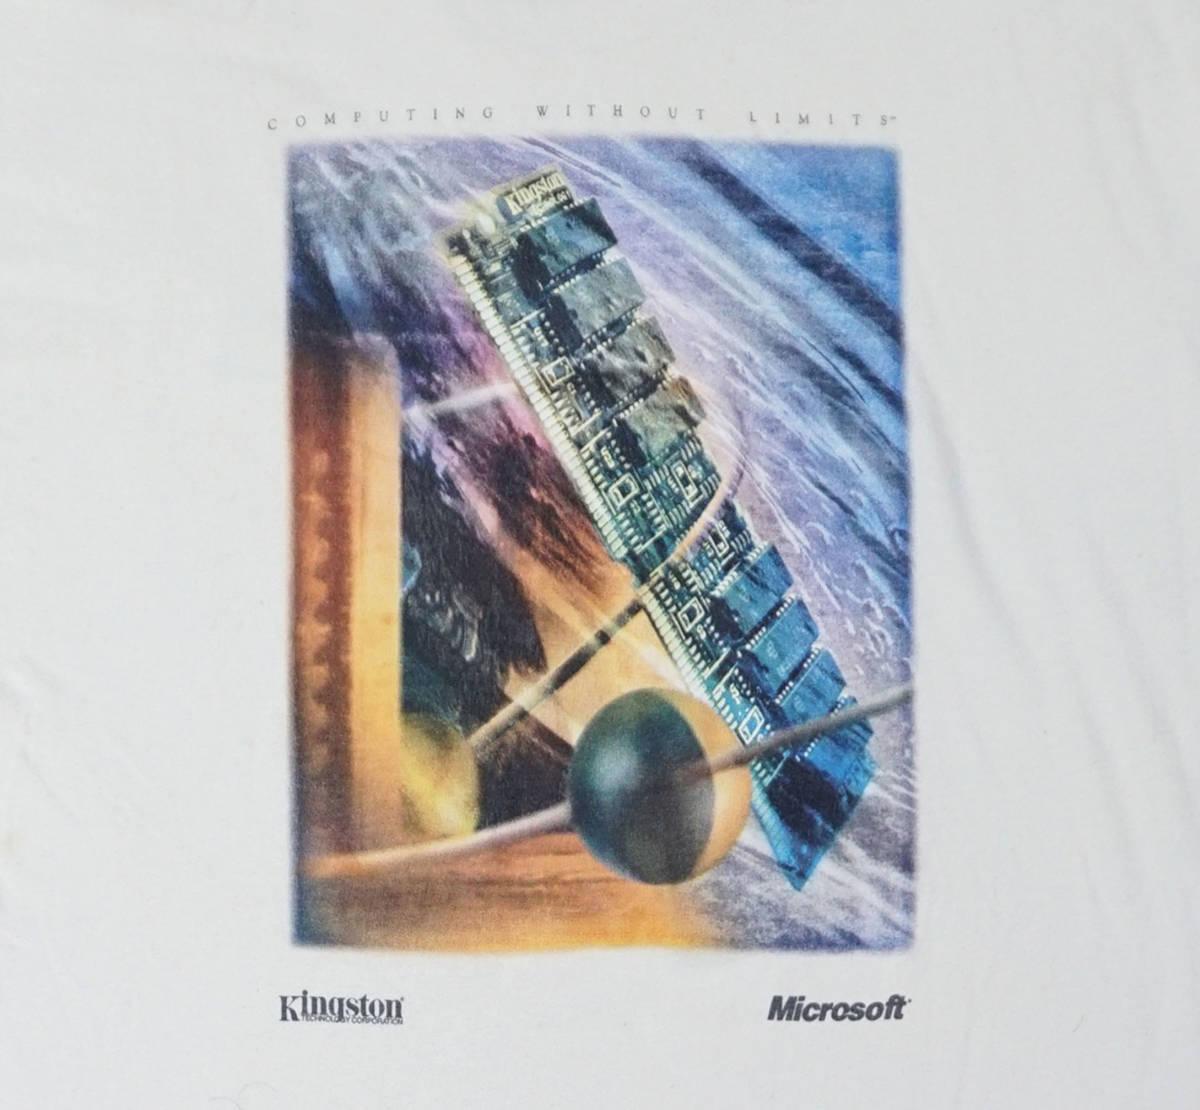 激レア! 90's USA製 MICROSOFT 『COMPUTING WITHOUT LIMITS』 Tシャツ BILL GATES IBM APPLE MAC MACINTOSH IPOD NINTENDO 任天堂 PAC-MAN_画像2